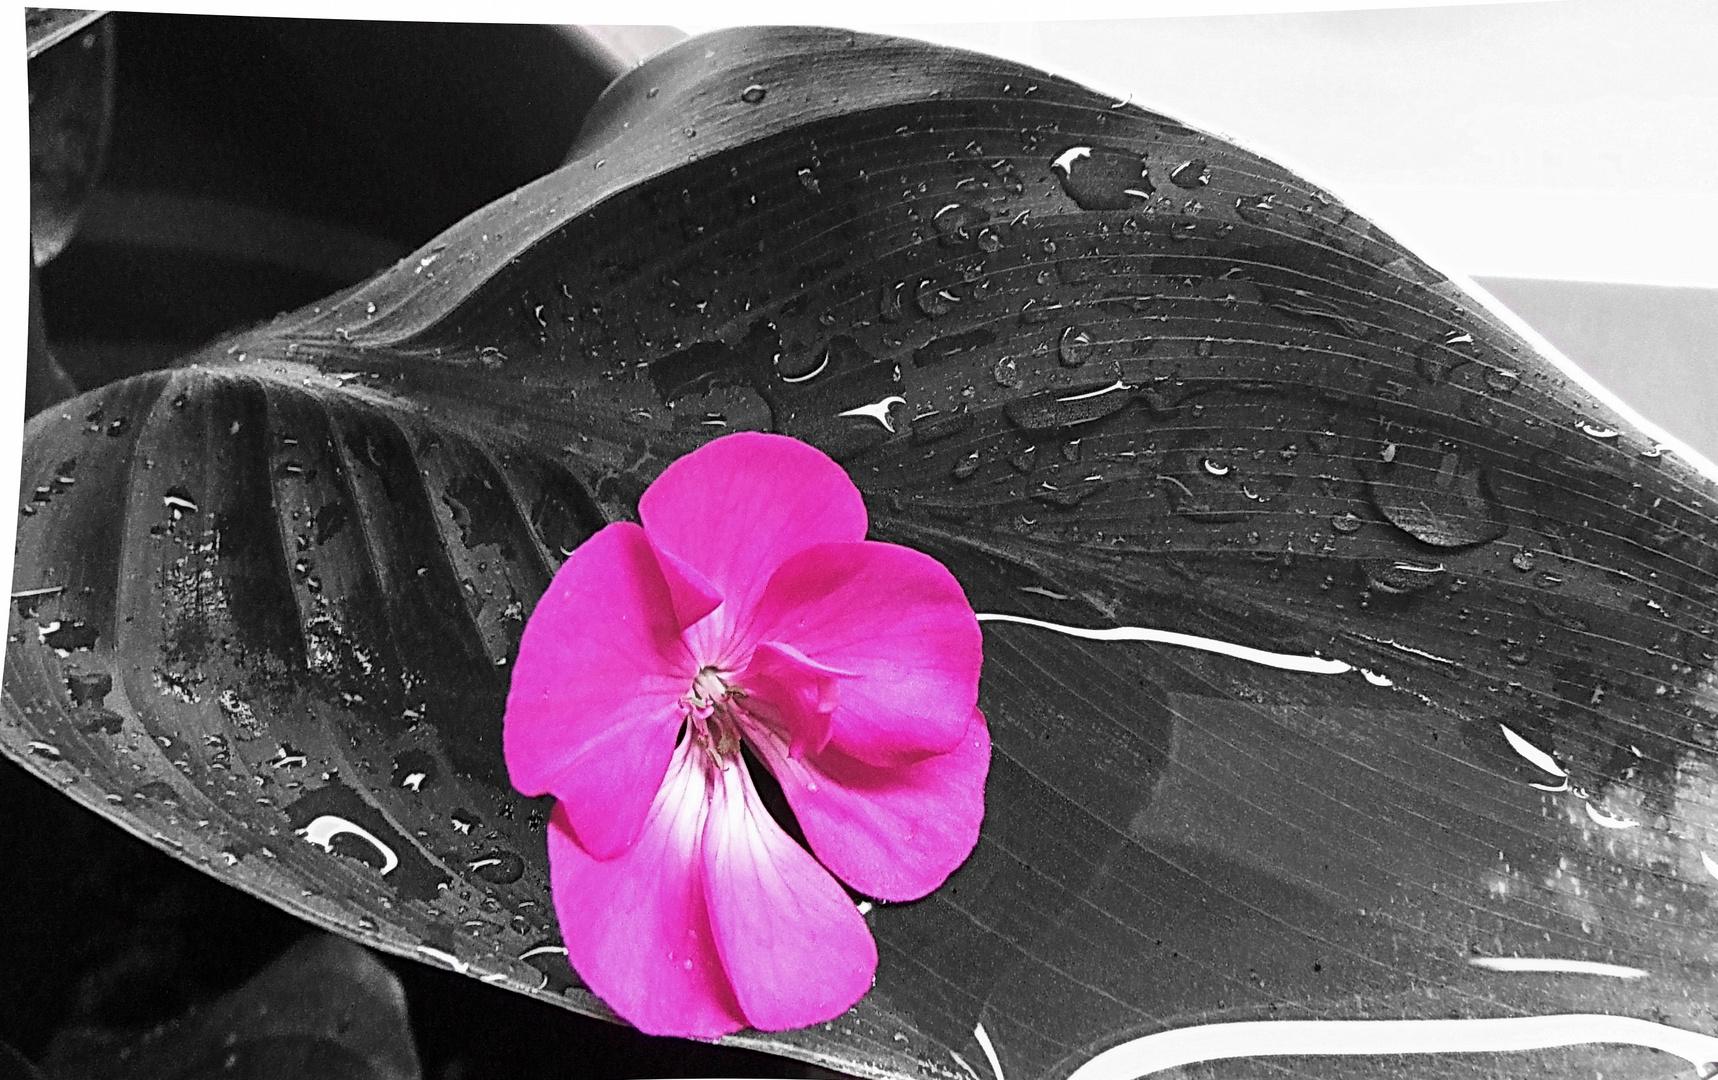 blume und schwarz weiss foto bild natur kreativ bea natur bilder auf fotocommunity. Black Bedroom Furniture Sets. Home Design Ideas